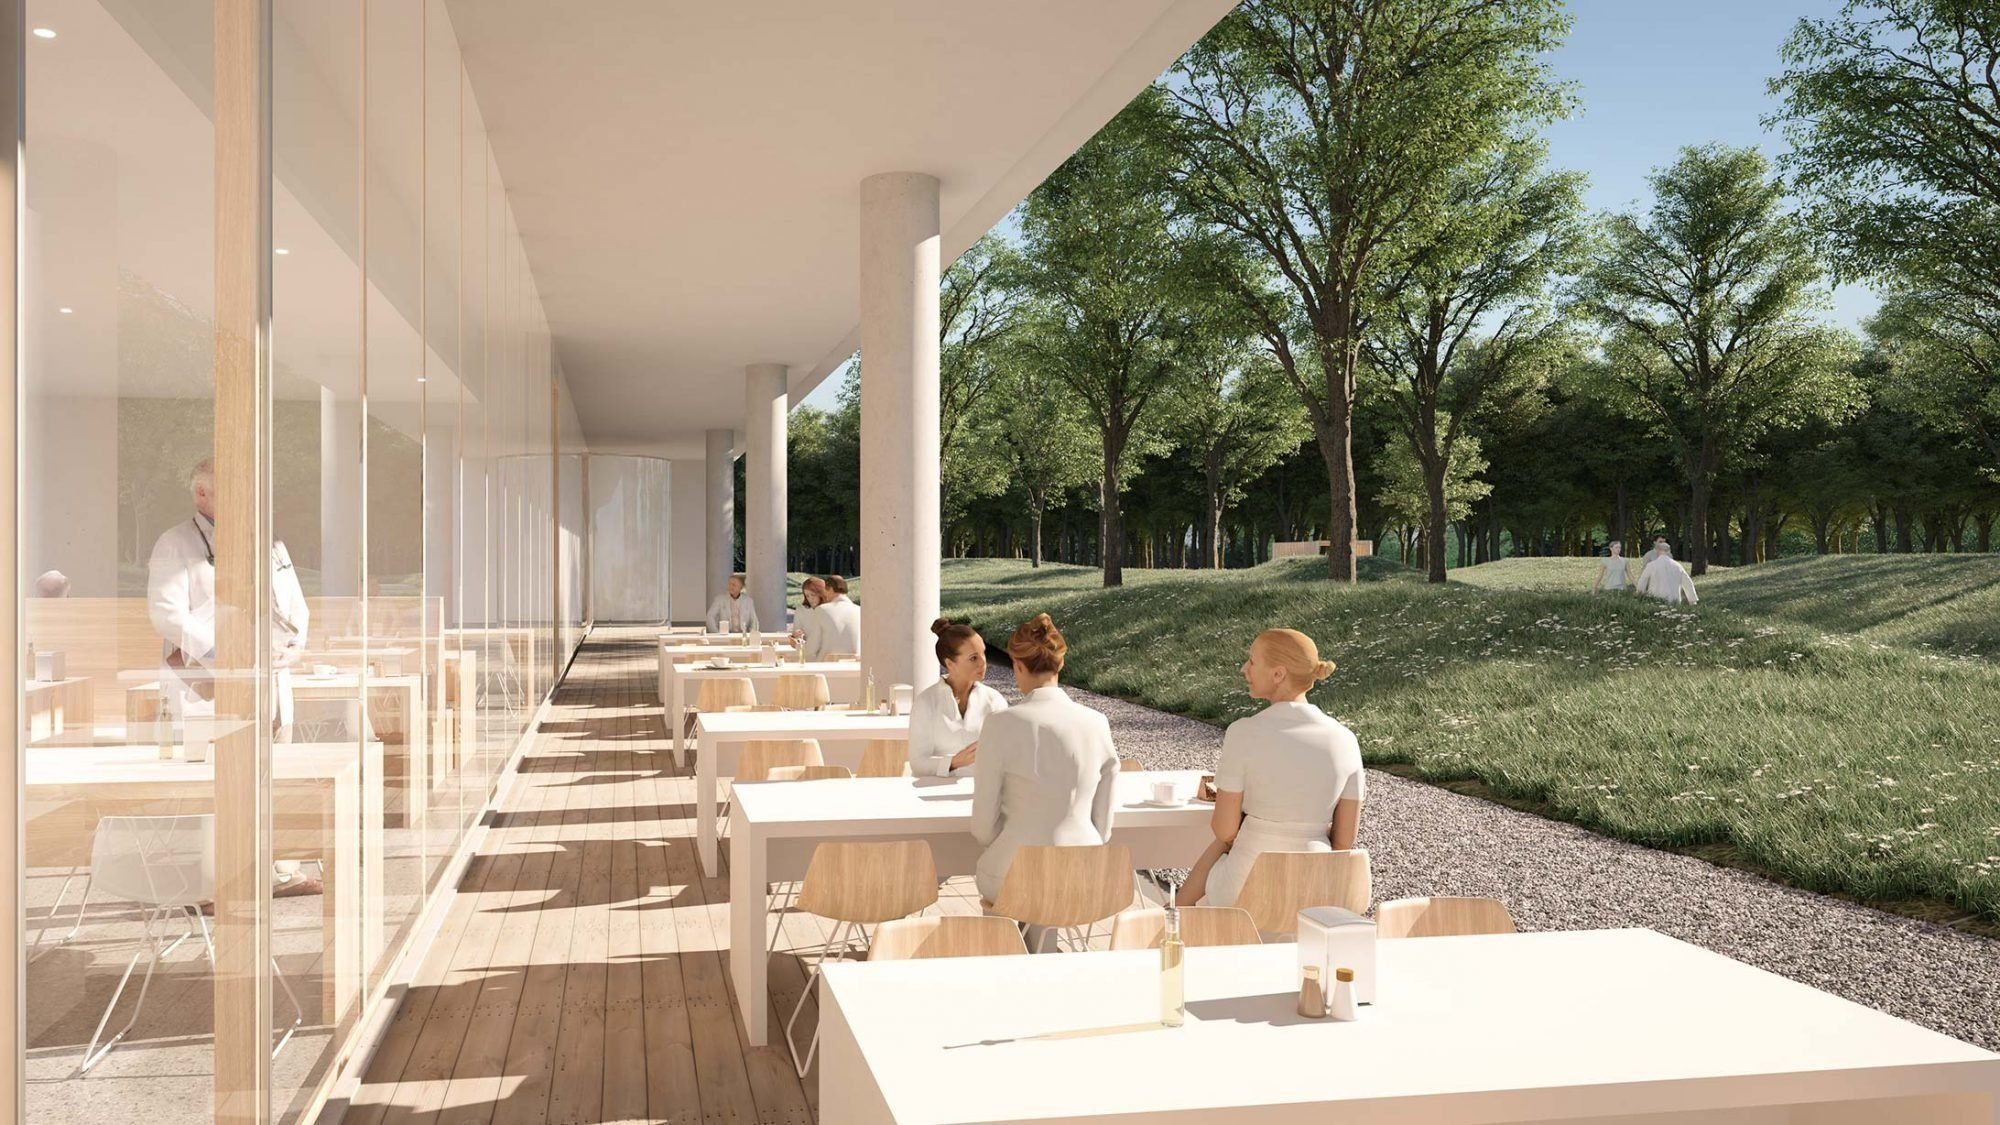 Visualisierung KSB Neubau: Cafeteria von aussen